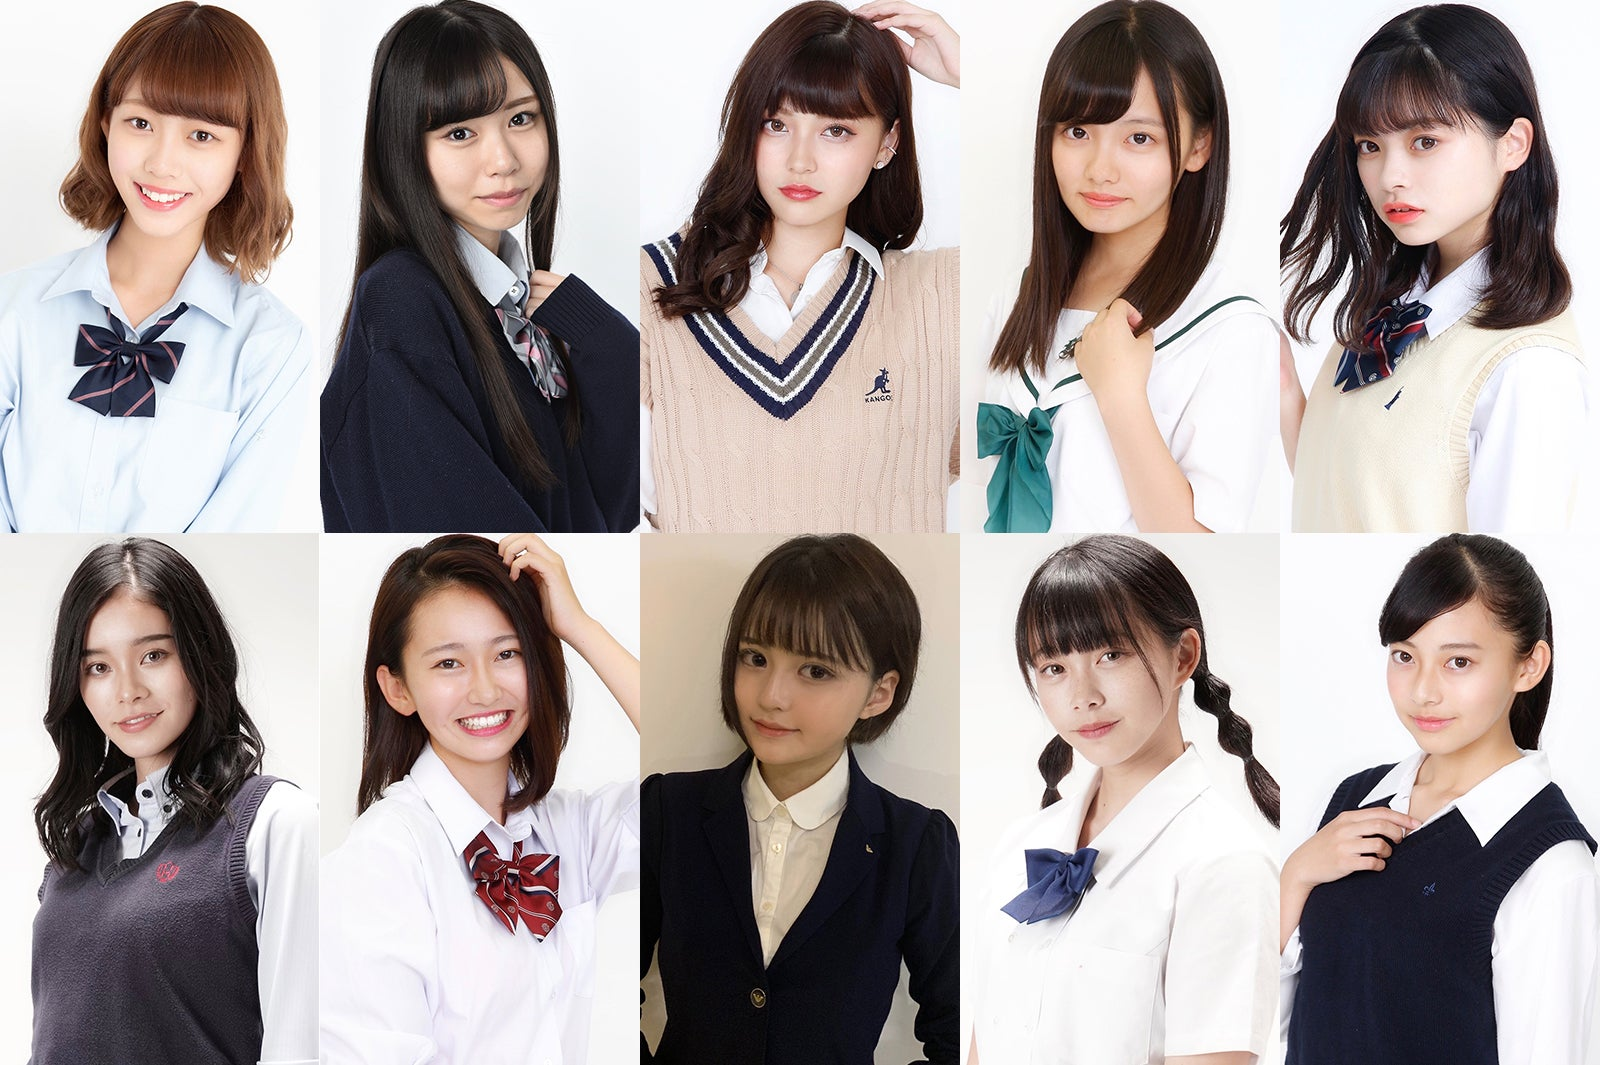 「女子高生ミスコン2019」全国ファイナリスト10人